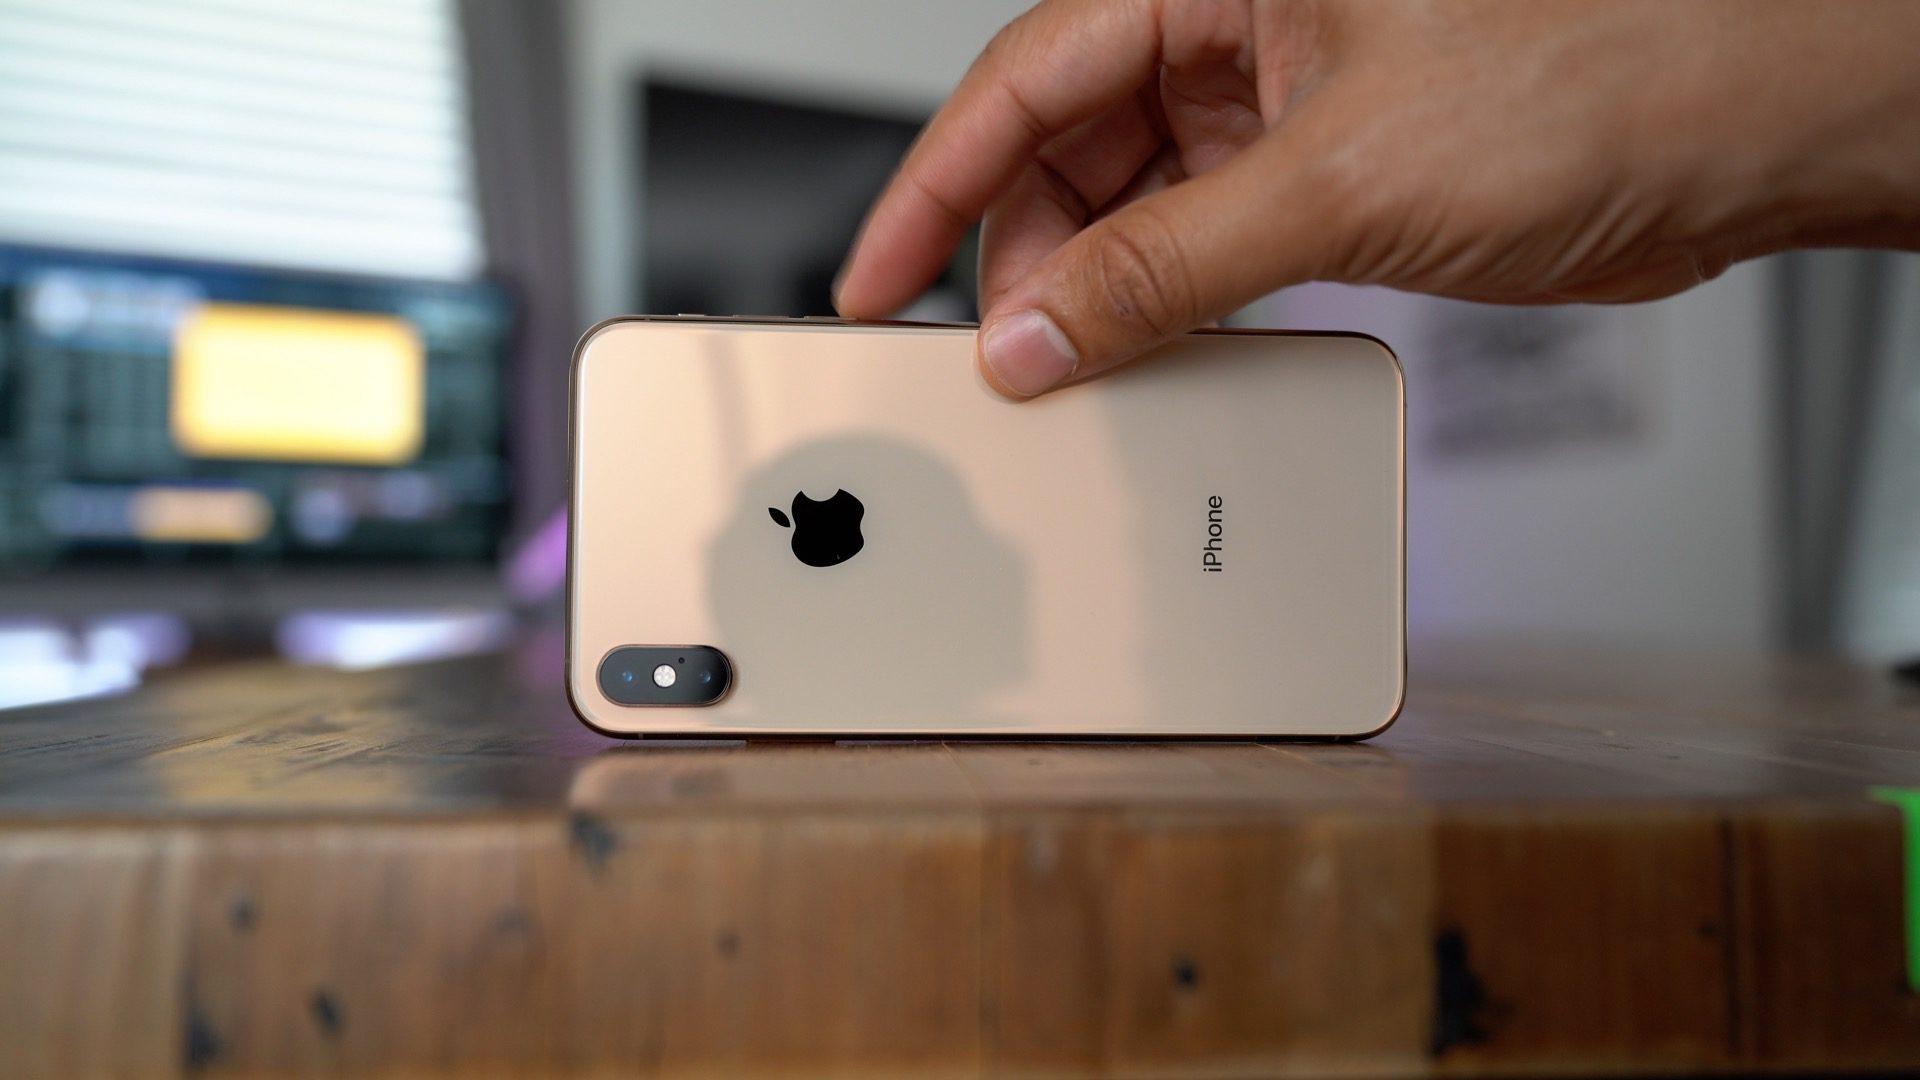 Komponenty iPhone Xs Max stojí cca 9 746 Kč, Apple vám ho ale prodává za třikrát vyšší cenu